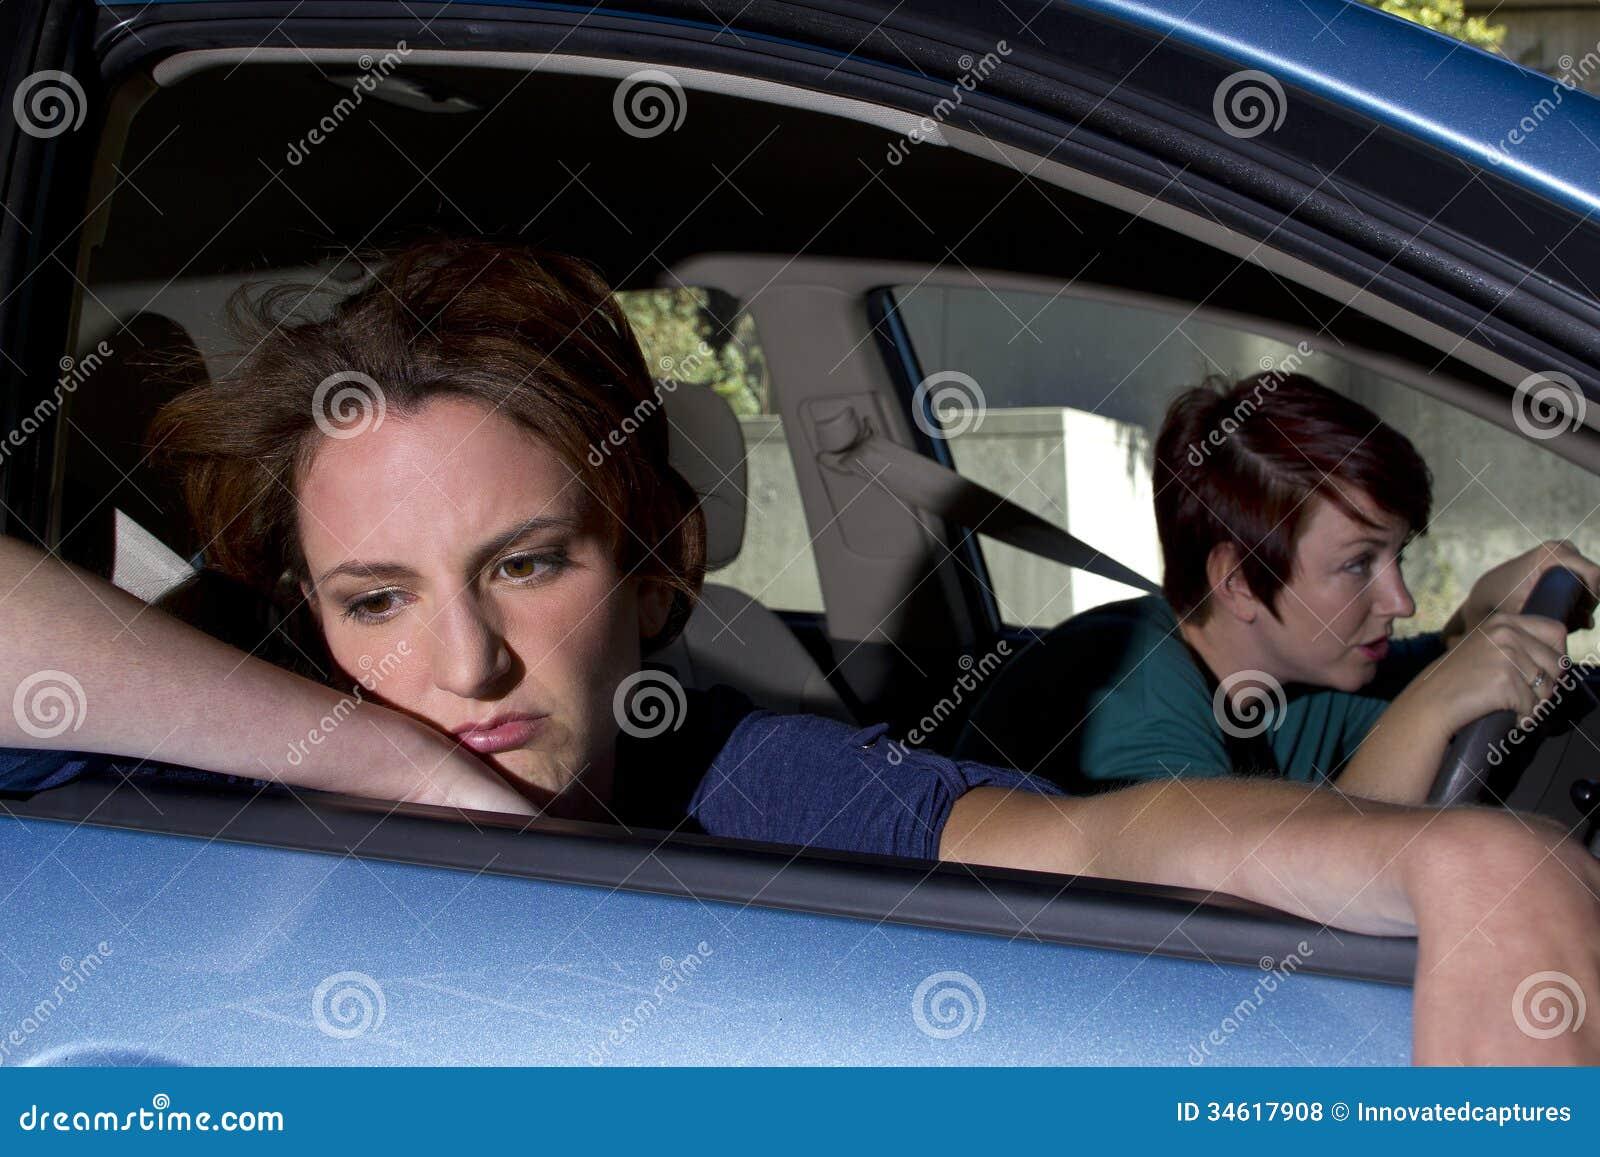 Car Sick Royalty Free Stock Photos